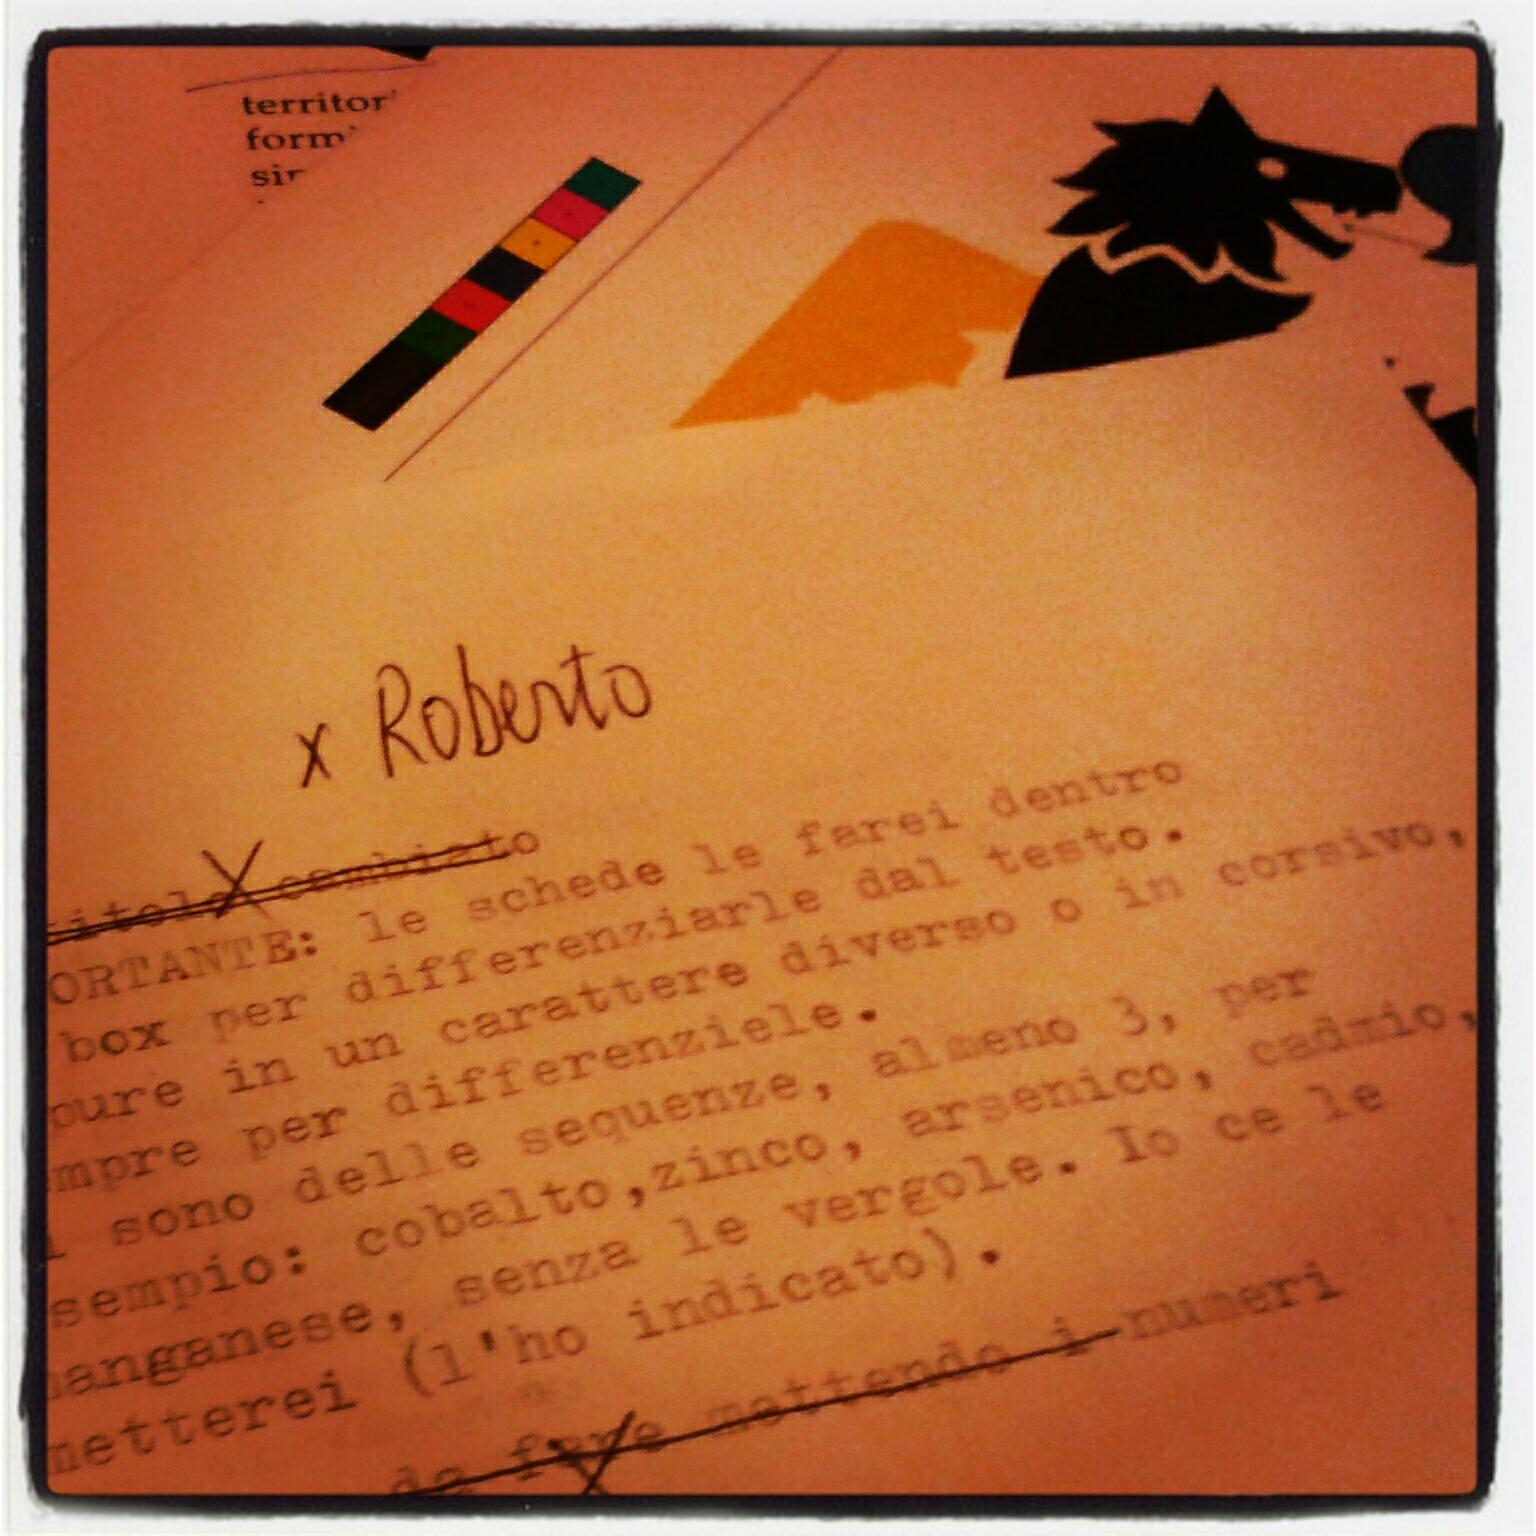 Lettera 22 per il libro di Roberto